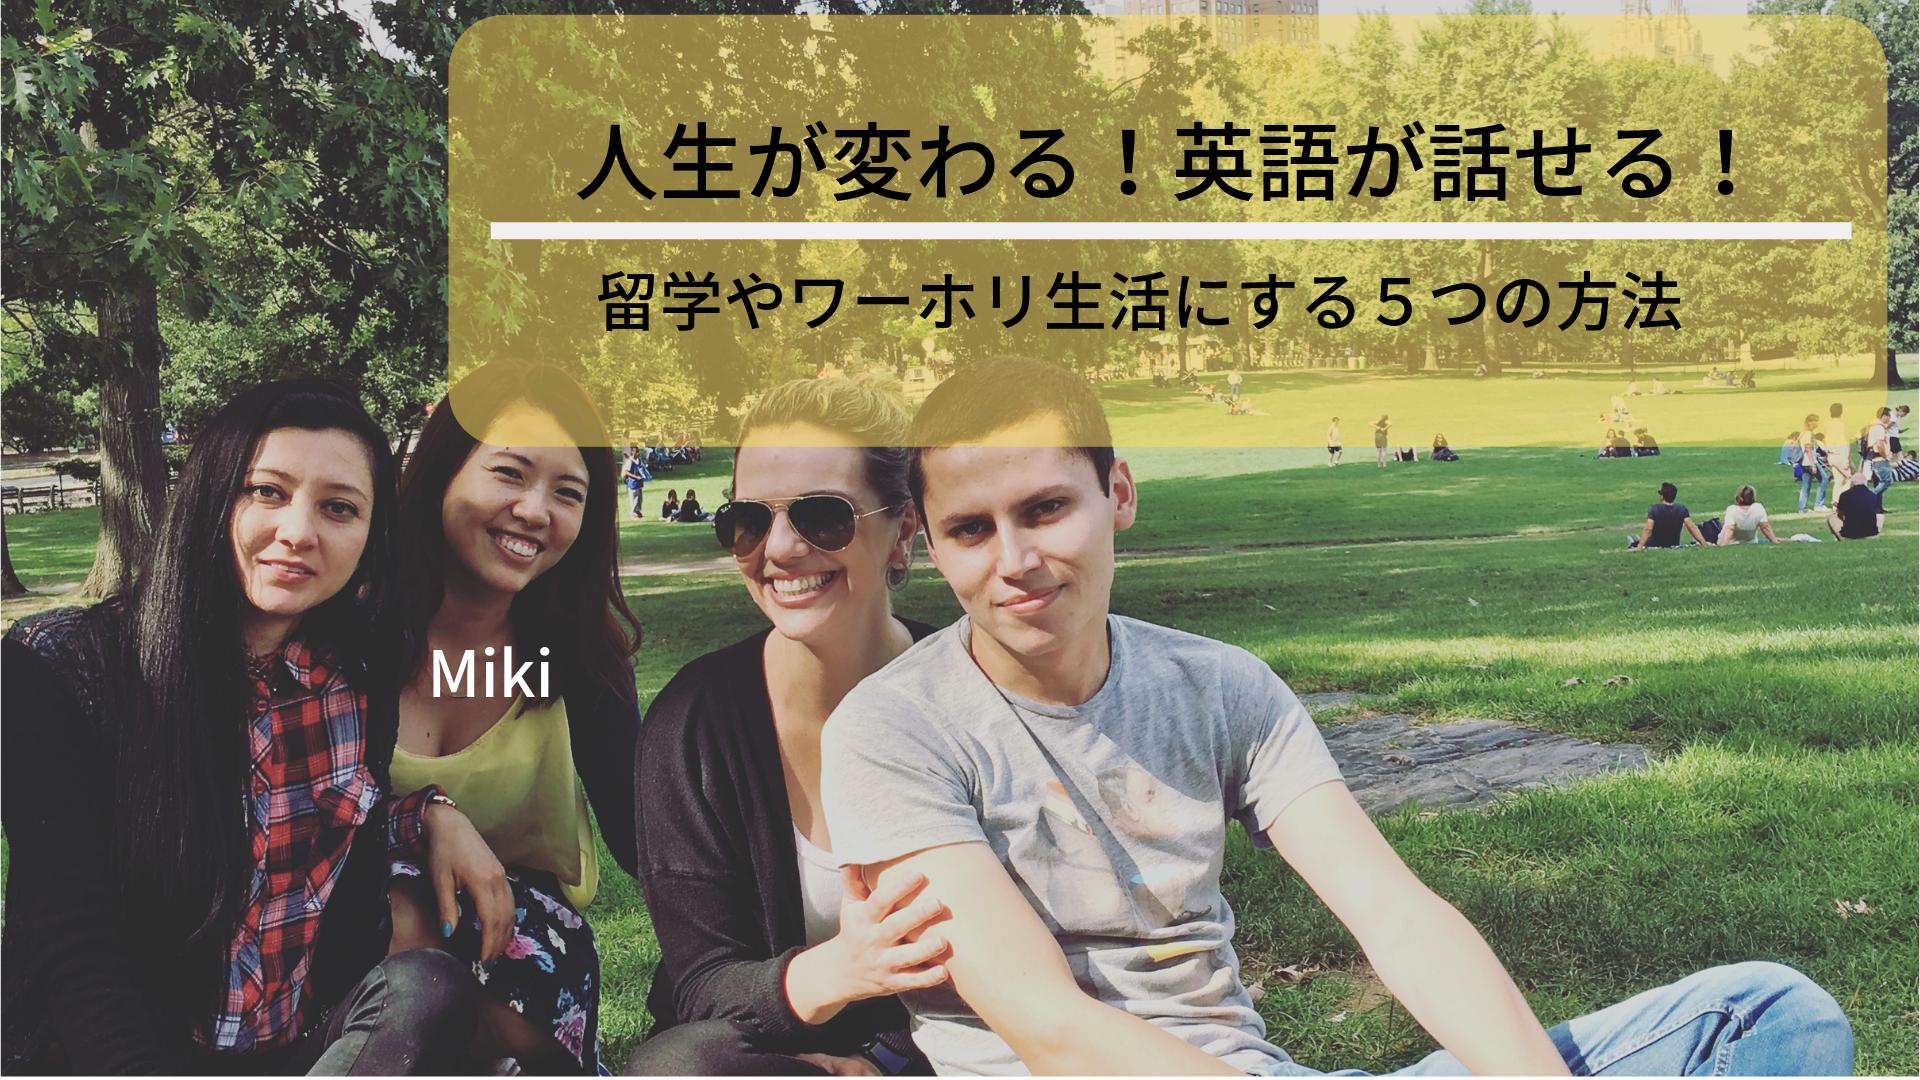 留学やワーホリ生活で英語が話せるようになる5つのコツ